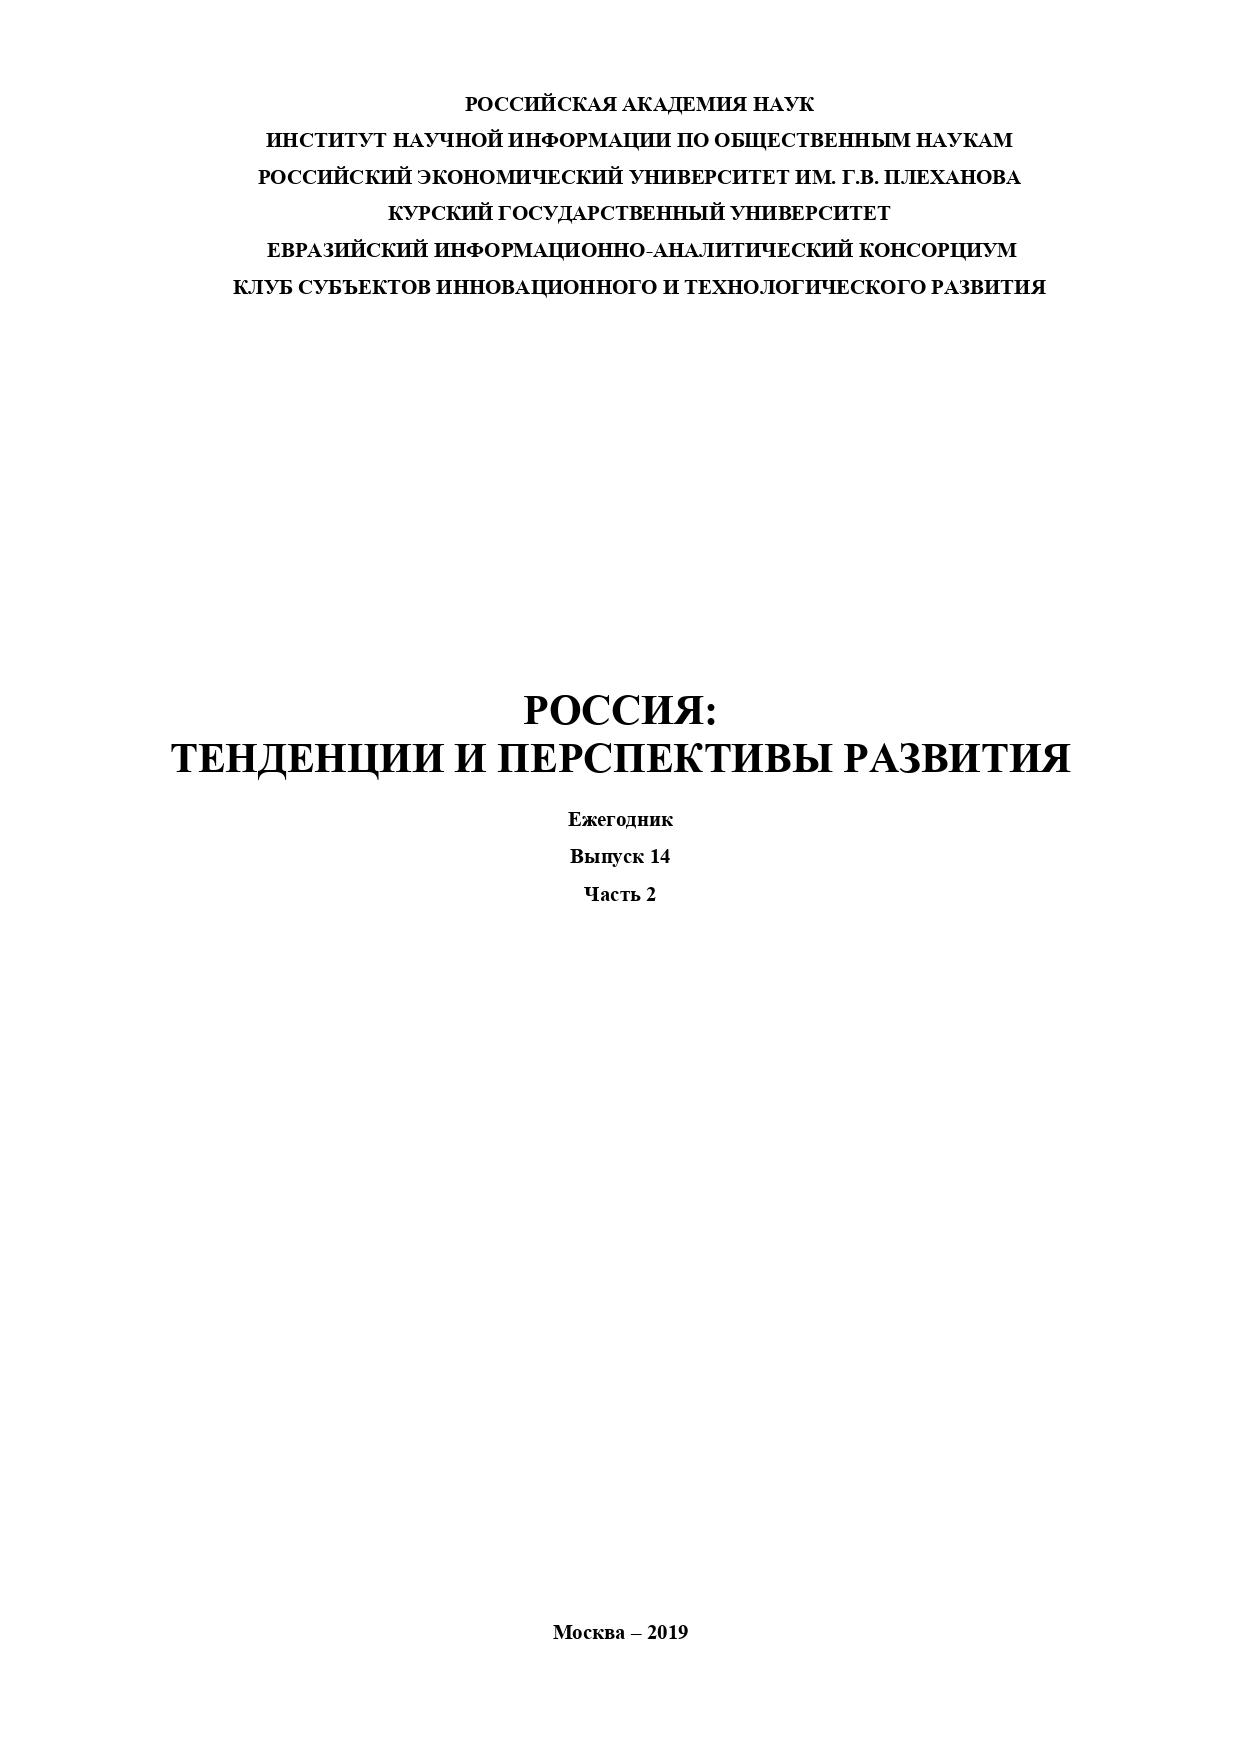 Россия: тенденции и перспективы развития. Ежегодник